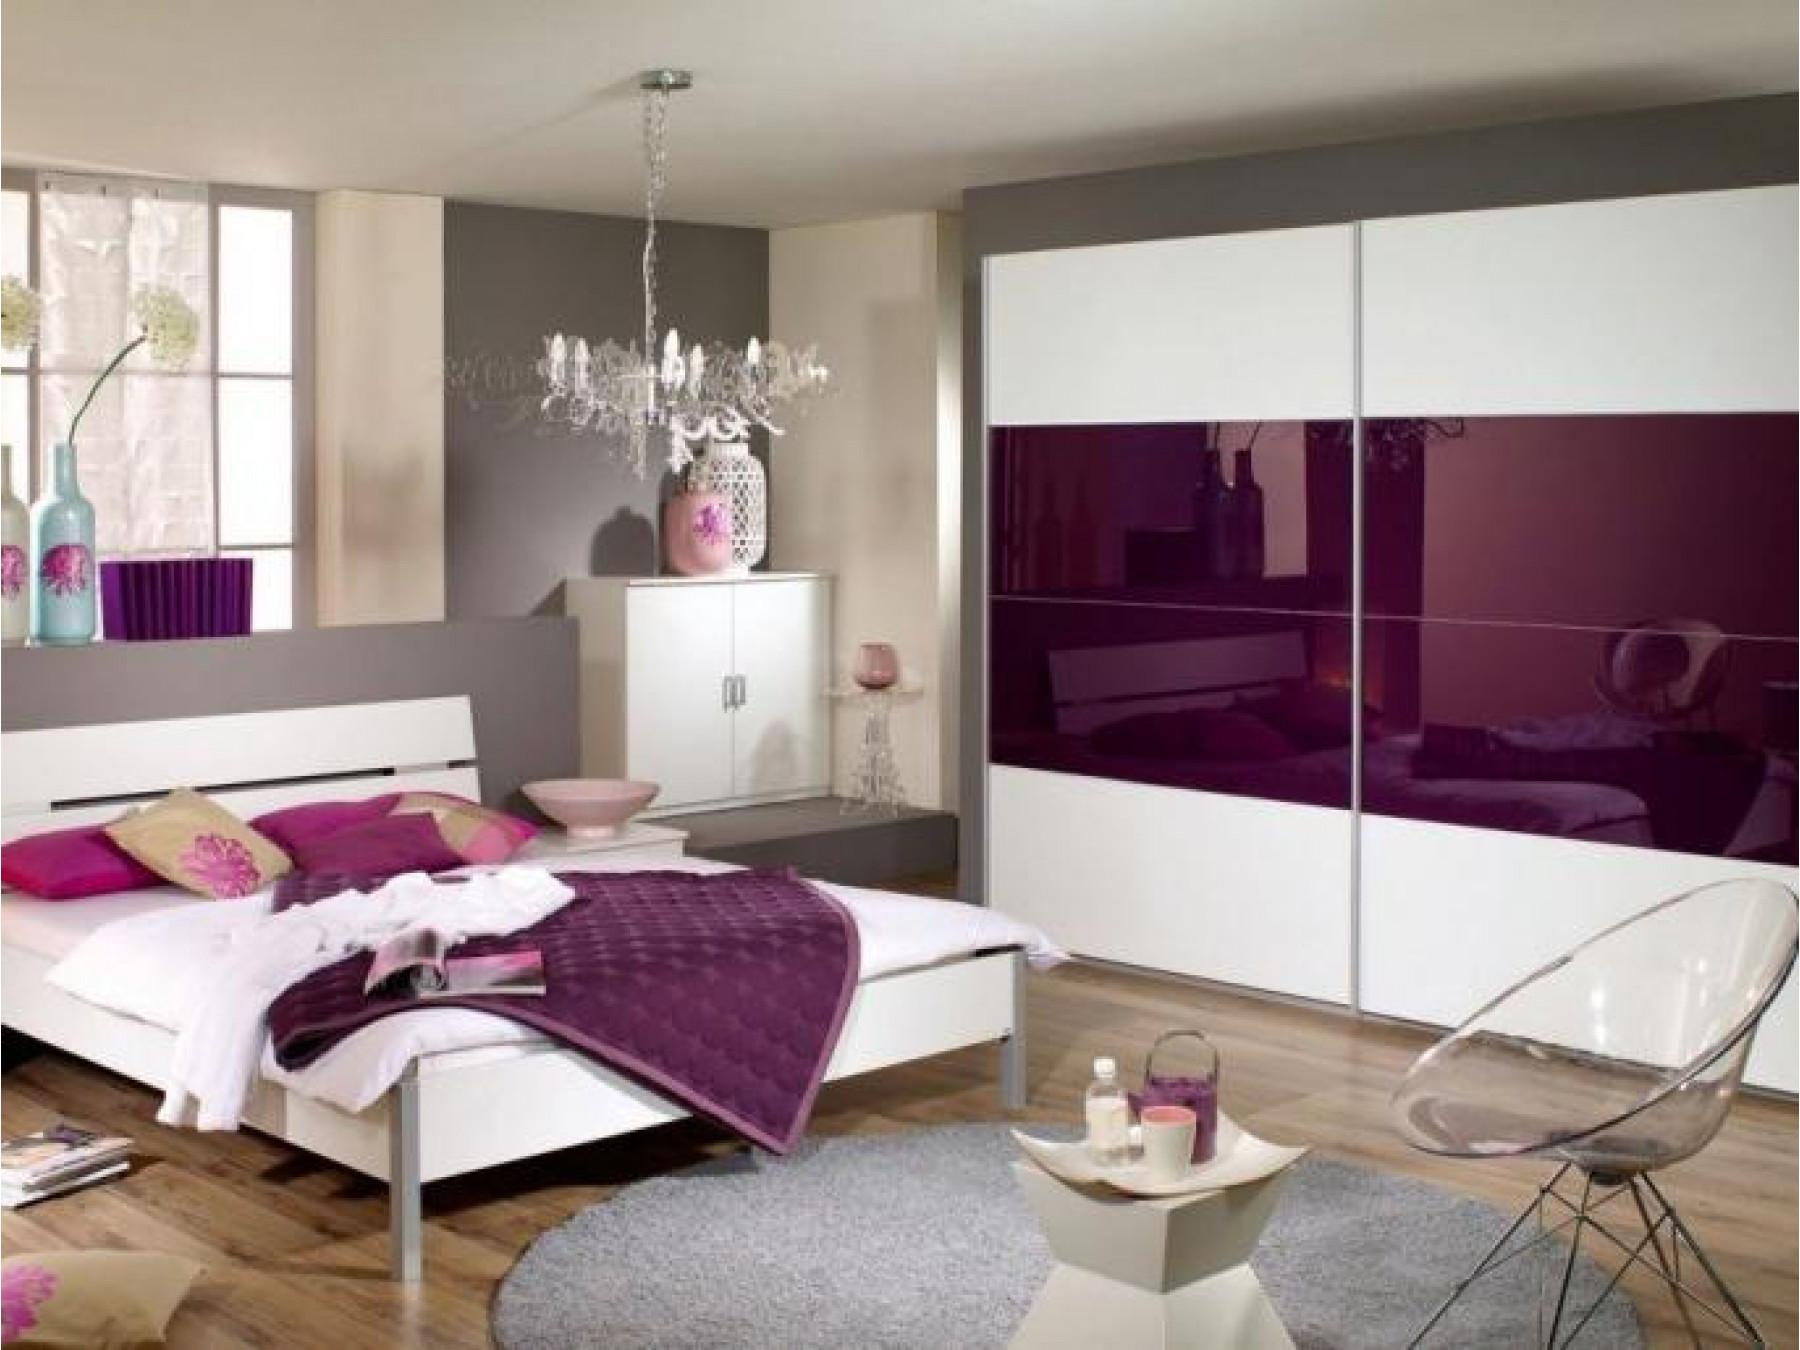 Full Size of 160x200 Bett Rauch Quadra Schlafzimmer Set Japanische Betten Sofa Mit Bettfunktion 90x200 Kopfteil Selber Machen Komplett Niedrig Unterbett Boxspring Bett 160x200 Bett